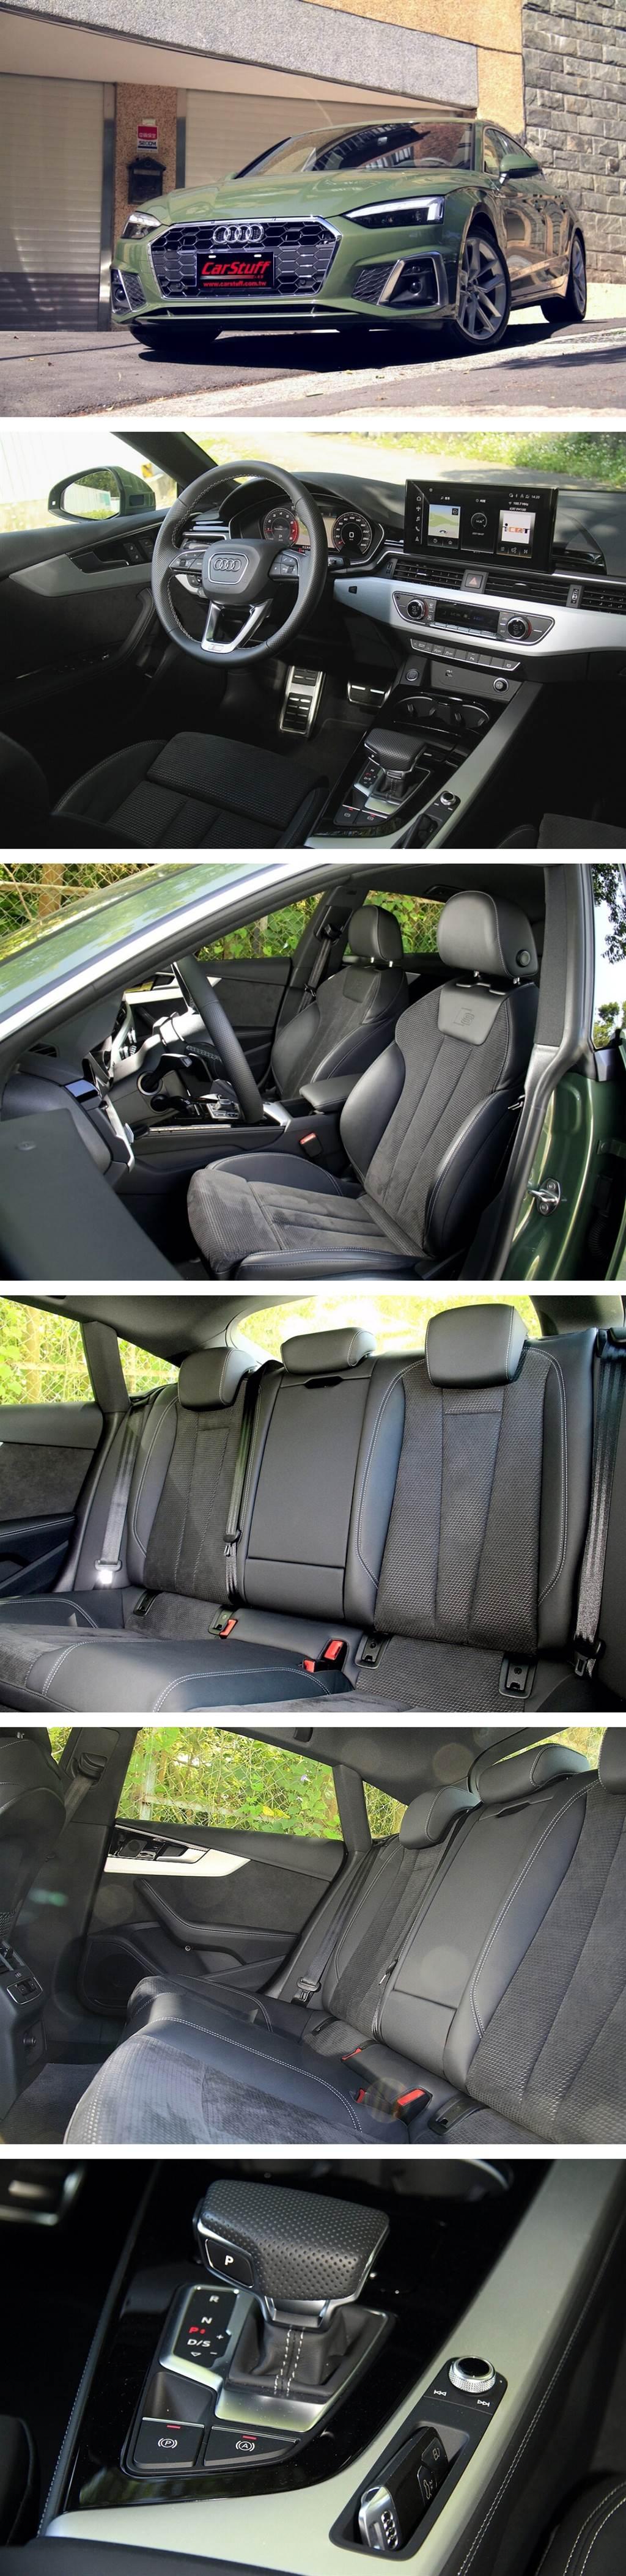 新A5車內一個小細節改變:將之前的訊息娛樂系統的操作鍵與旋鈕取消,改以小格置物空間取代,相關的操作都整合到了MIB 3中央觸控螢幕之中。